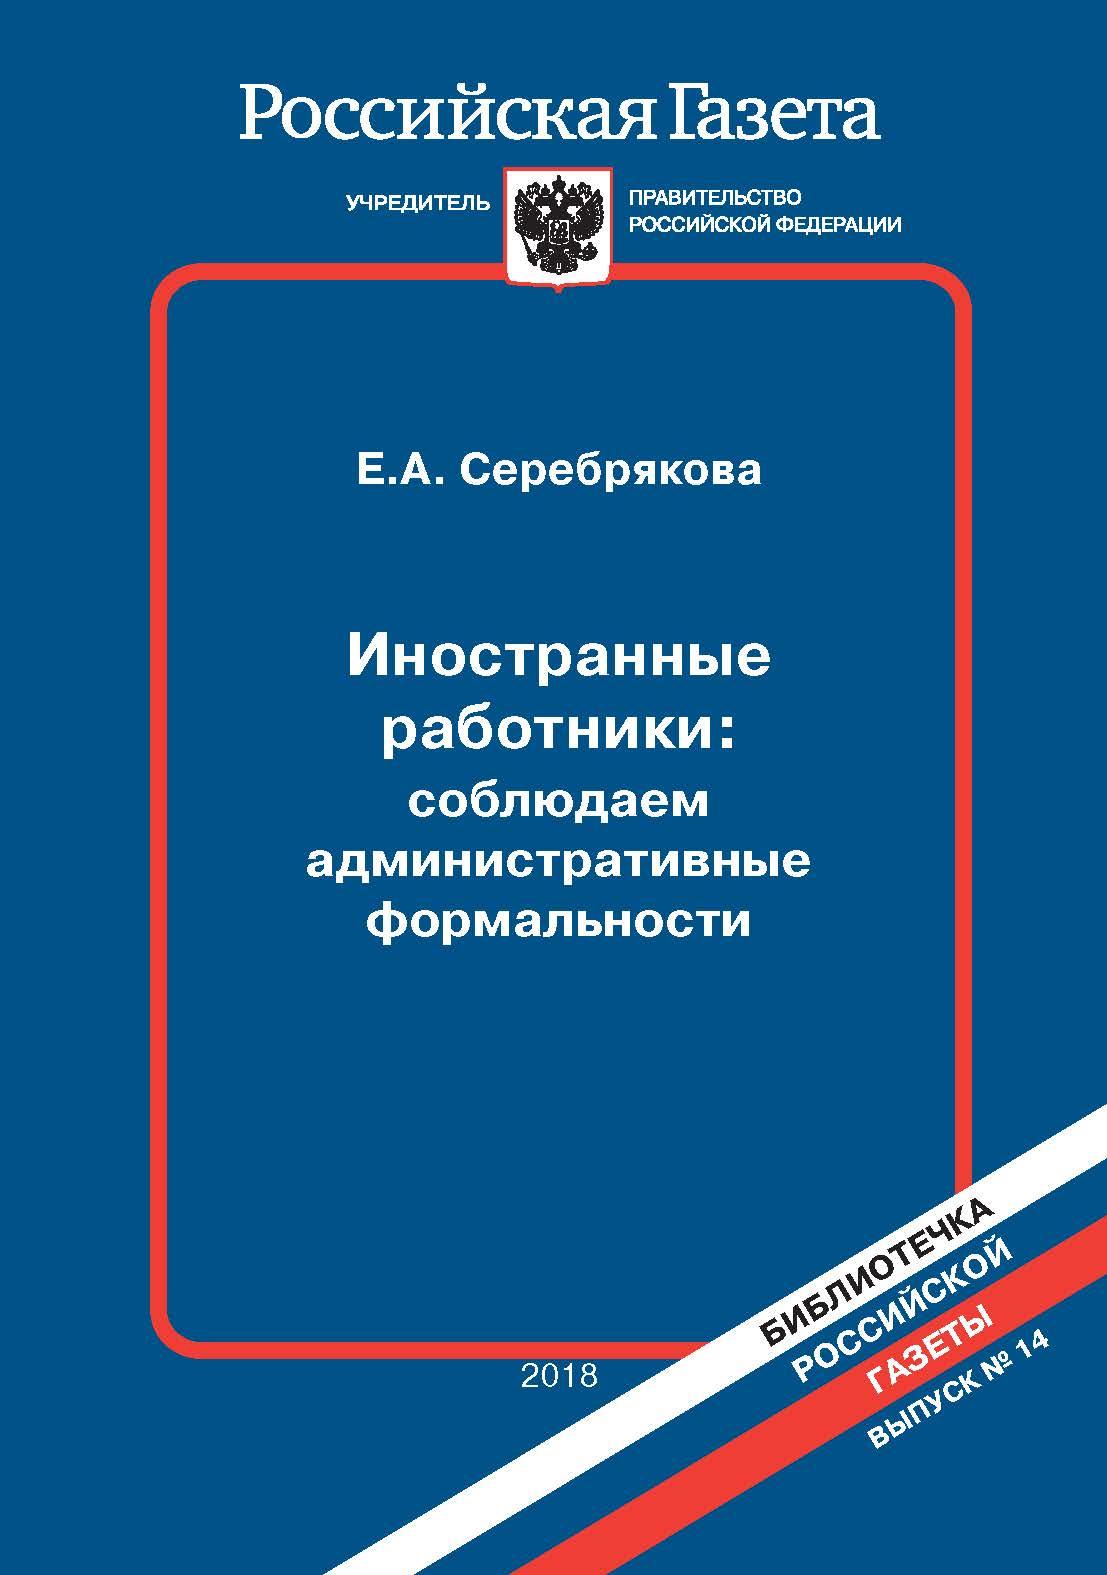 Иностранные работники: соблюдаем административные формальности